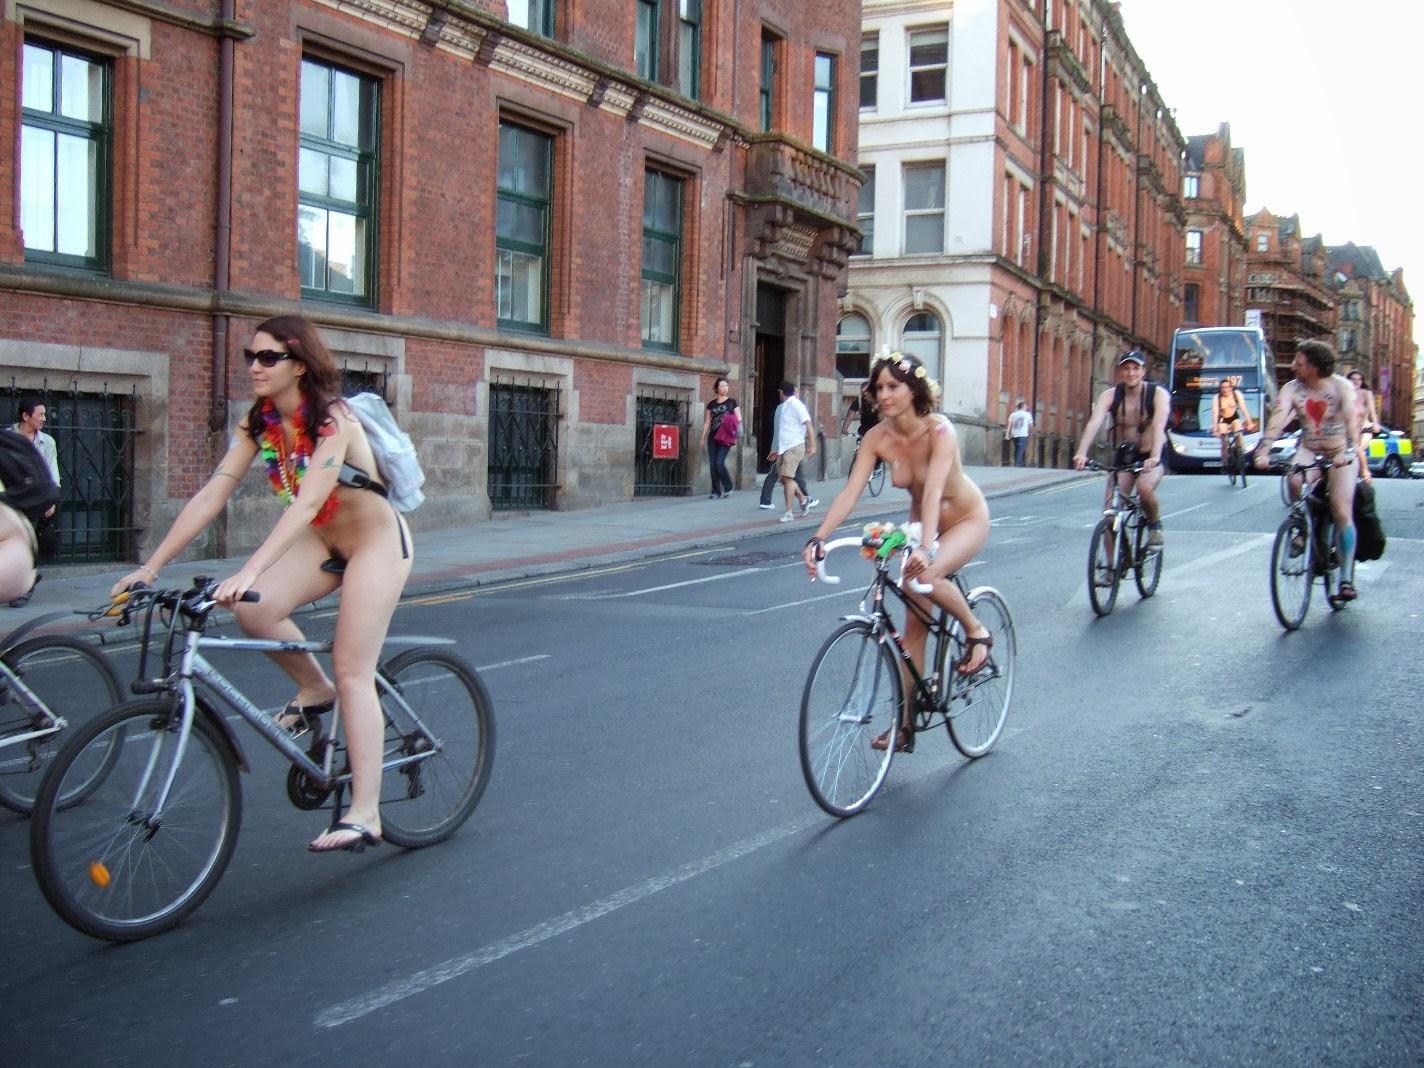 girls-on-street-bikes-nude